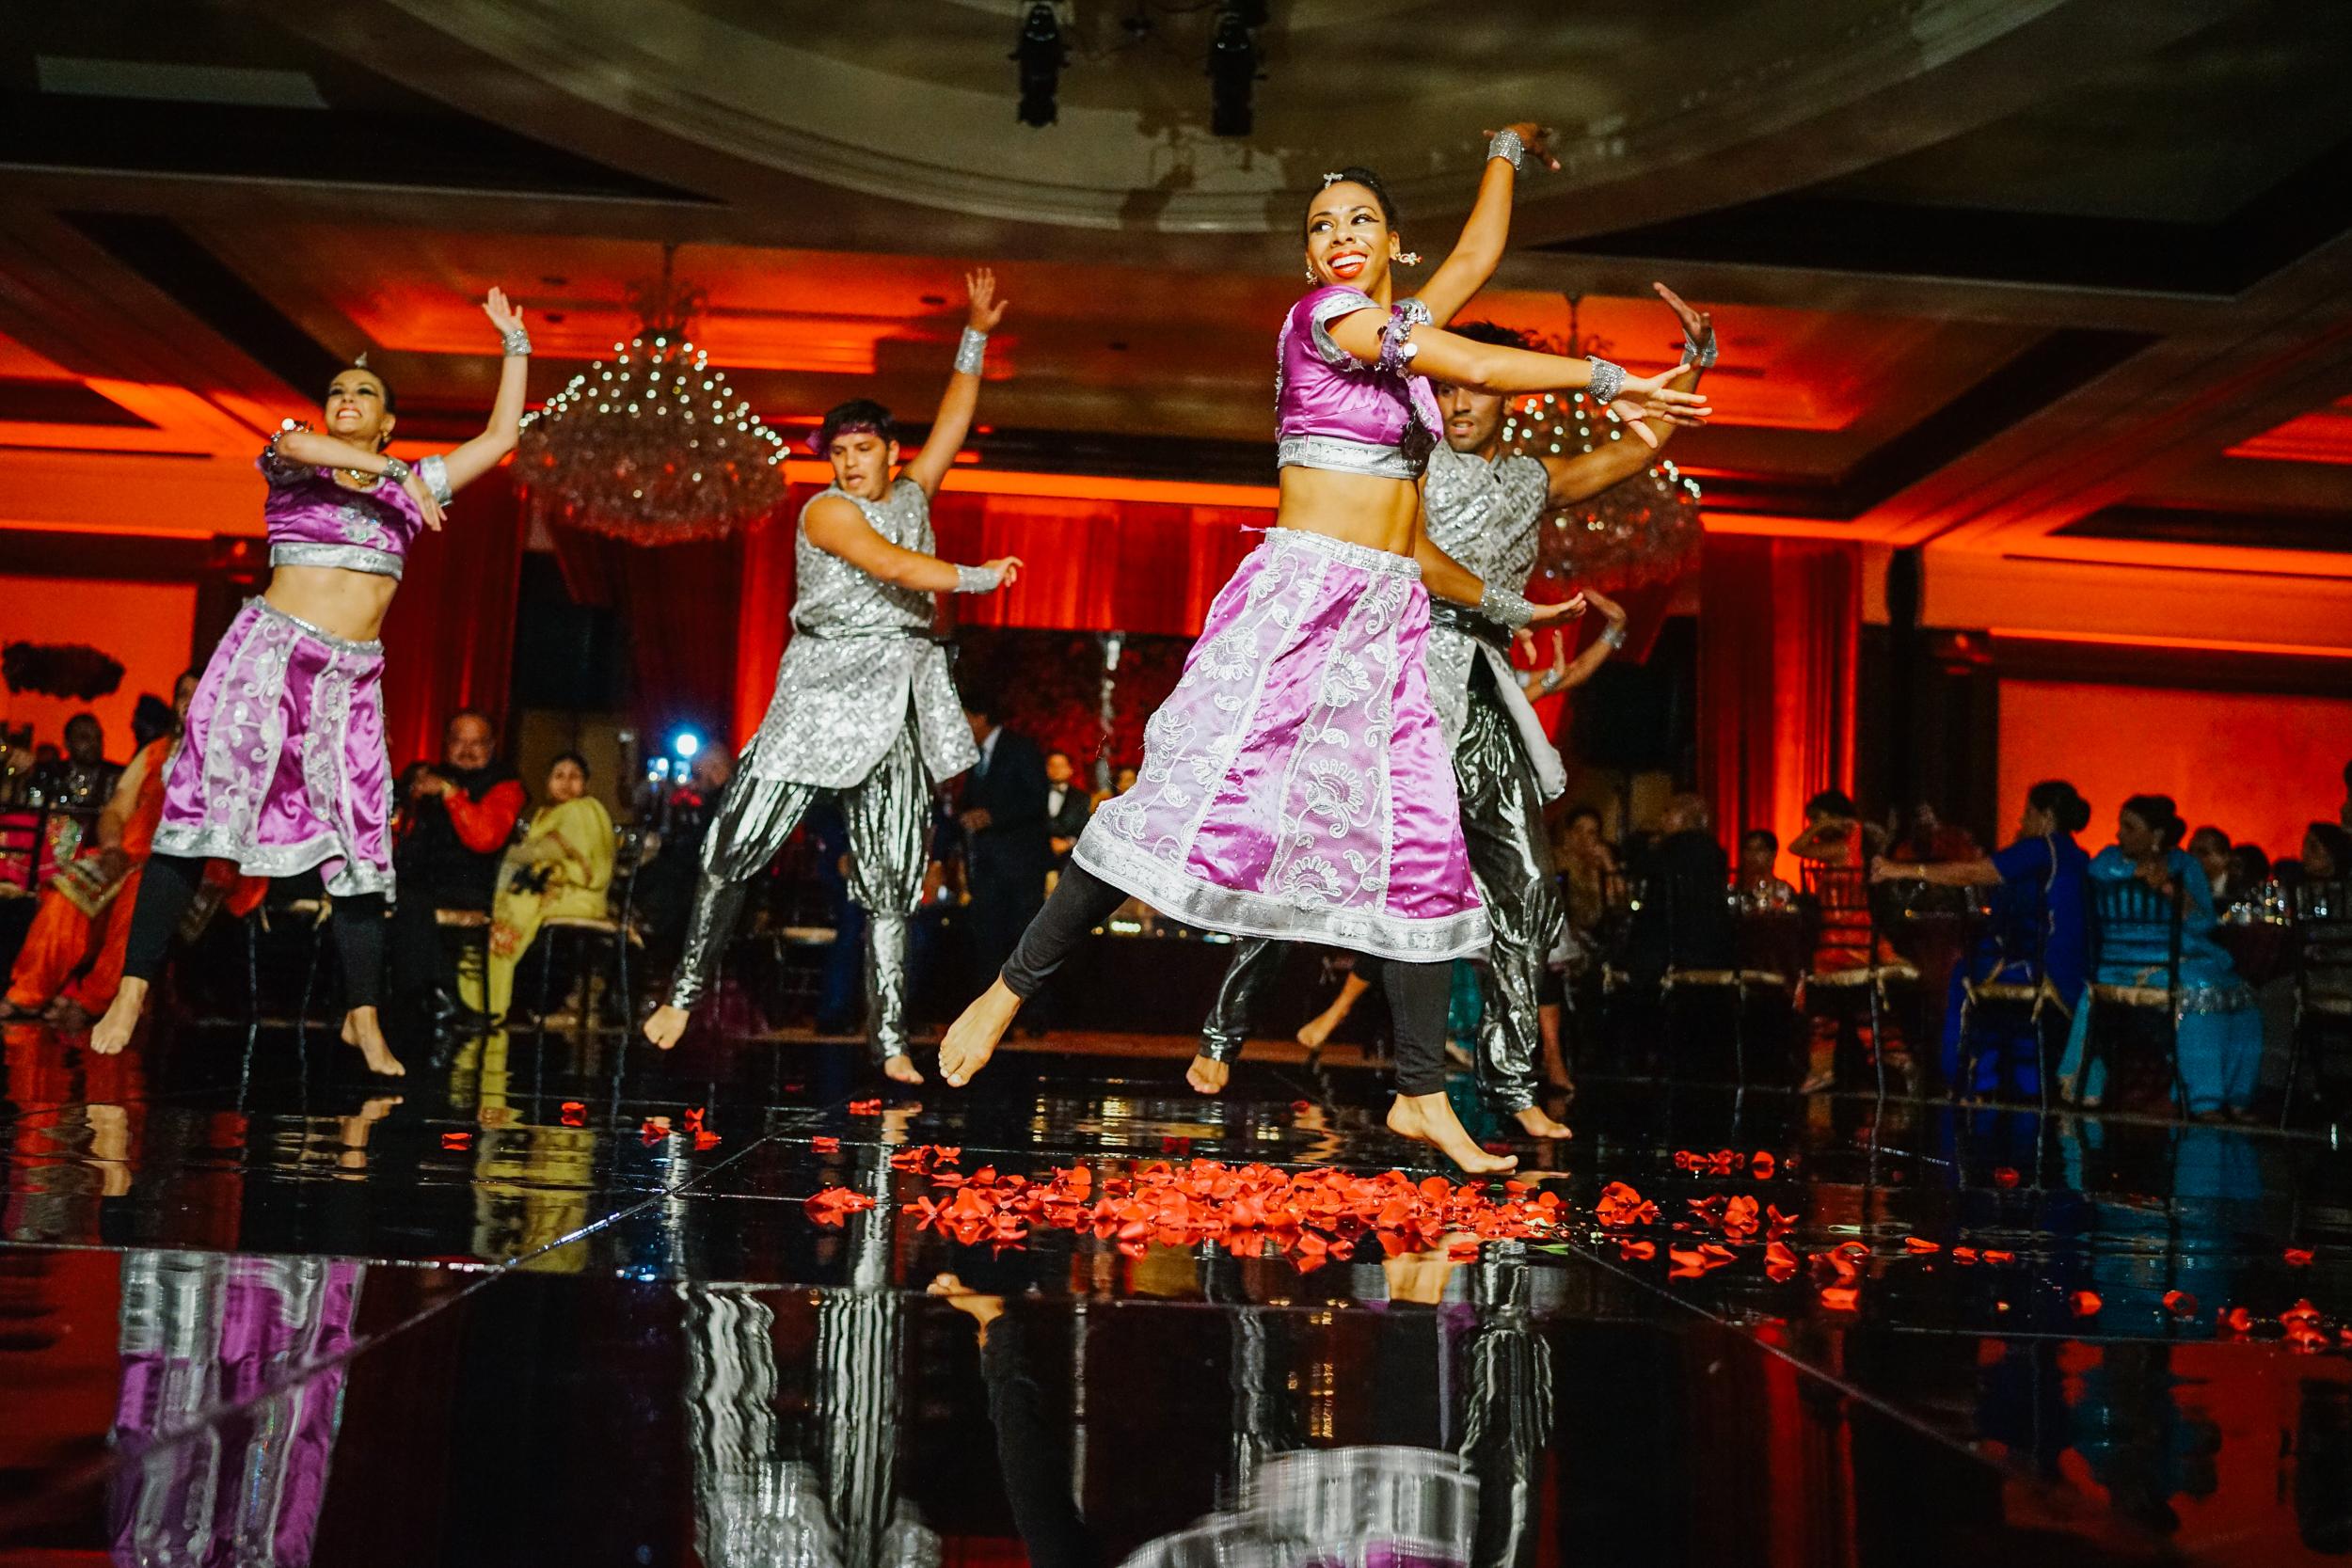 JKP_Indian_Weddings_0087.JPG